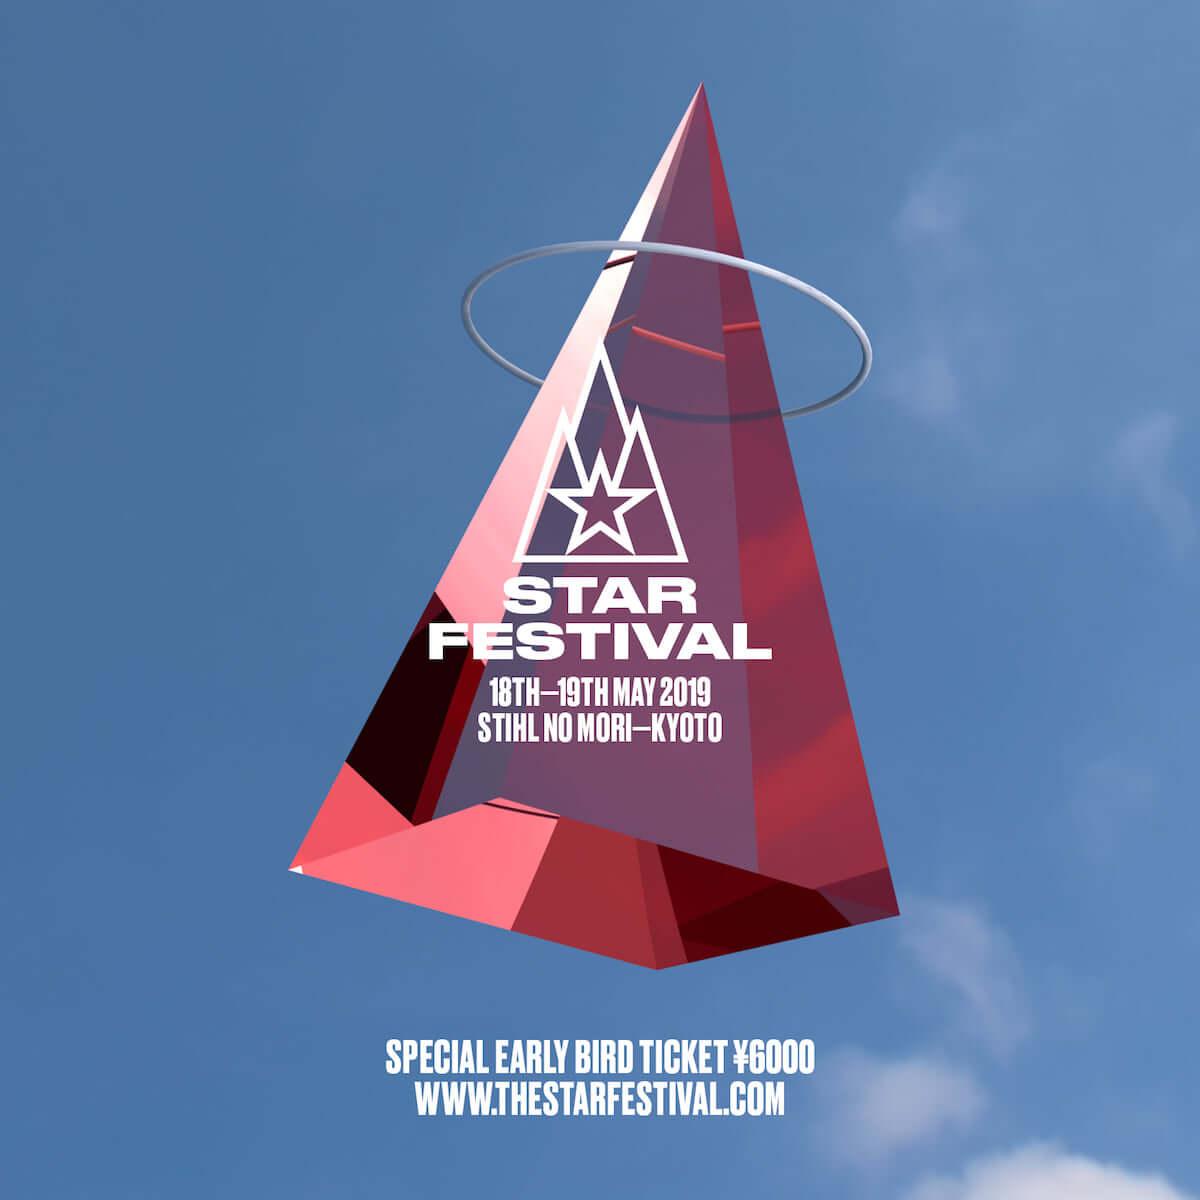 「THE STAR FESTIVAL 2019」来年5月に2日間開催! music181227_THESTARFESTIVAL02-1200x1200